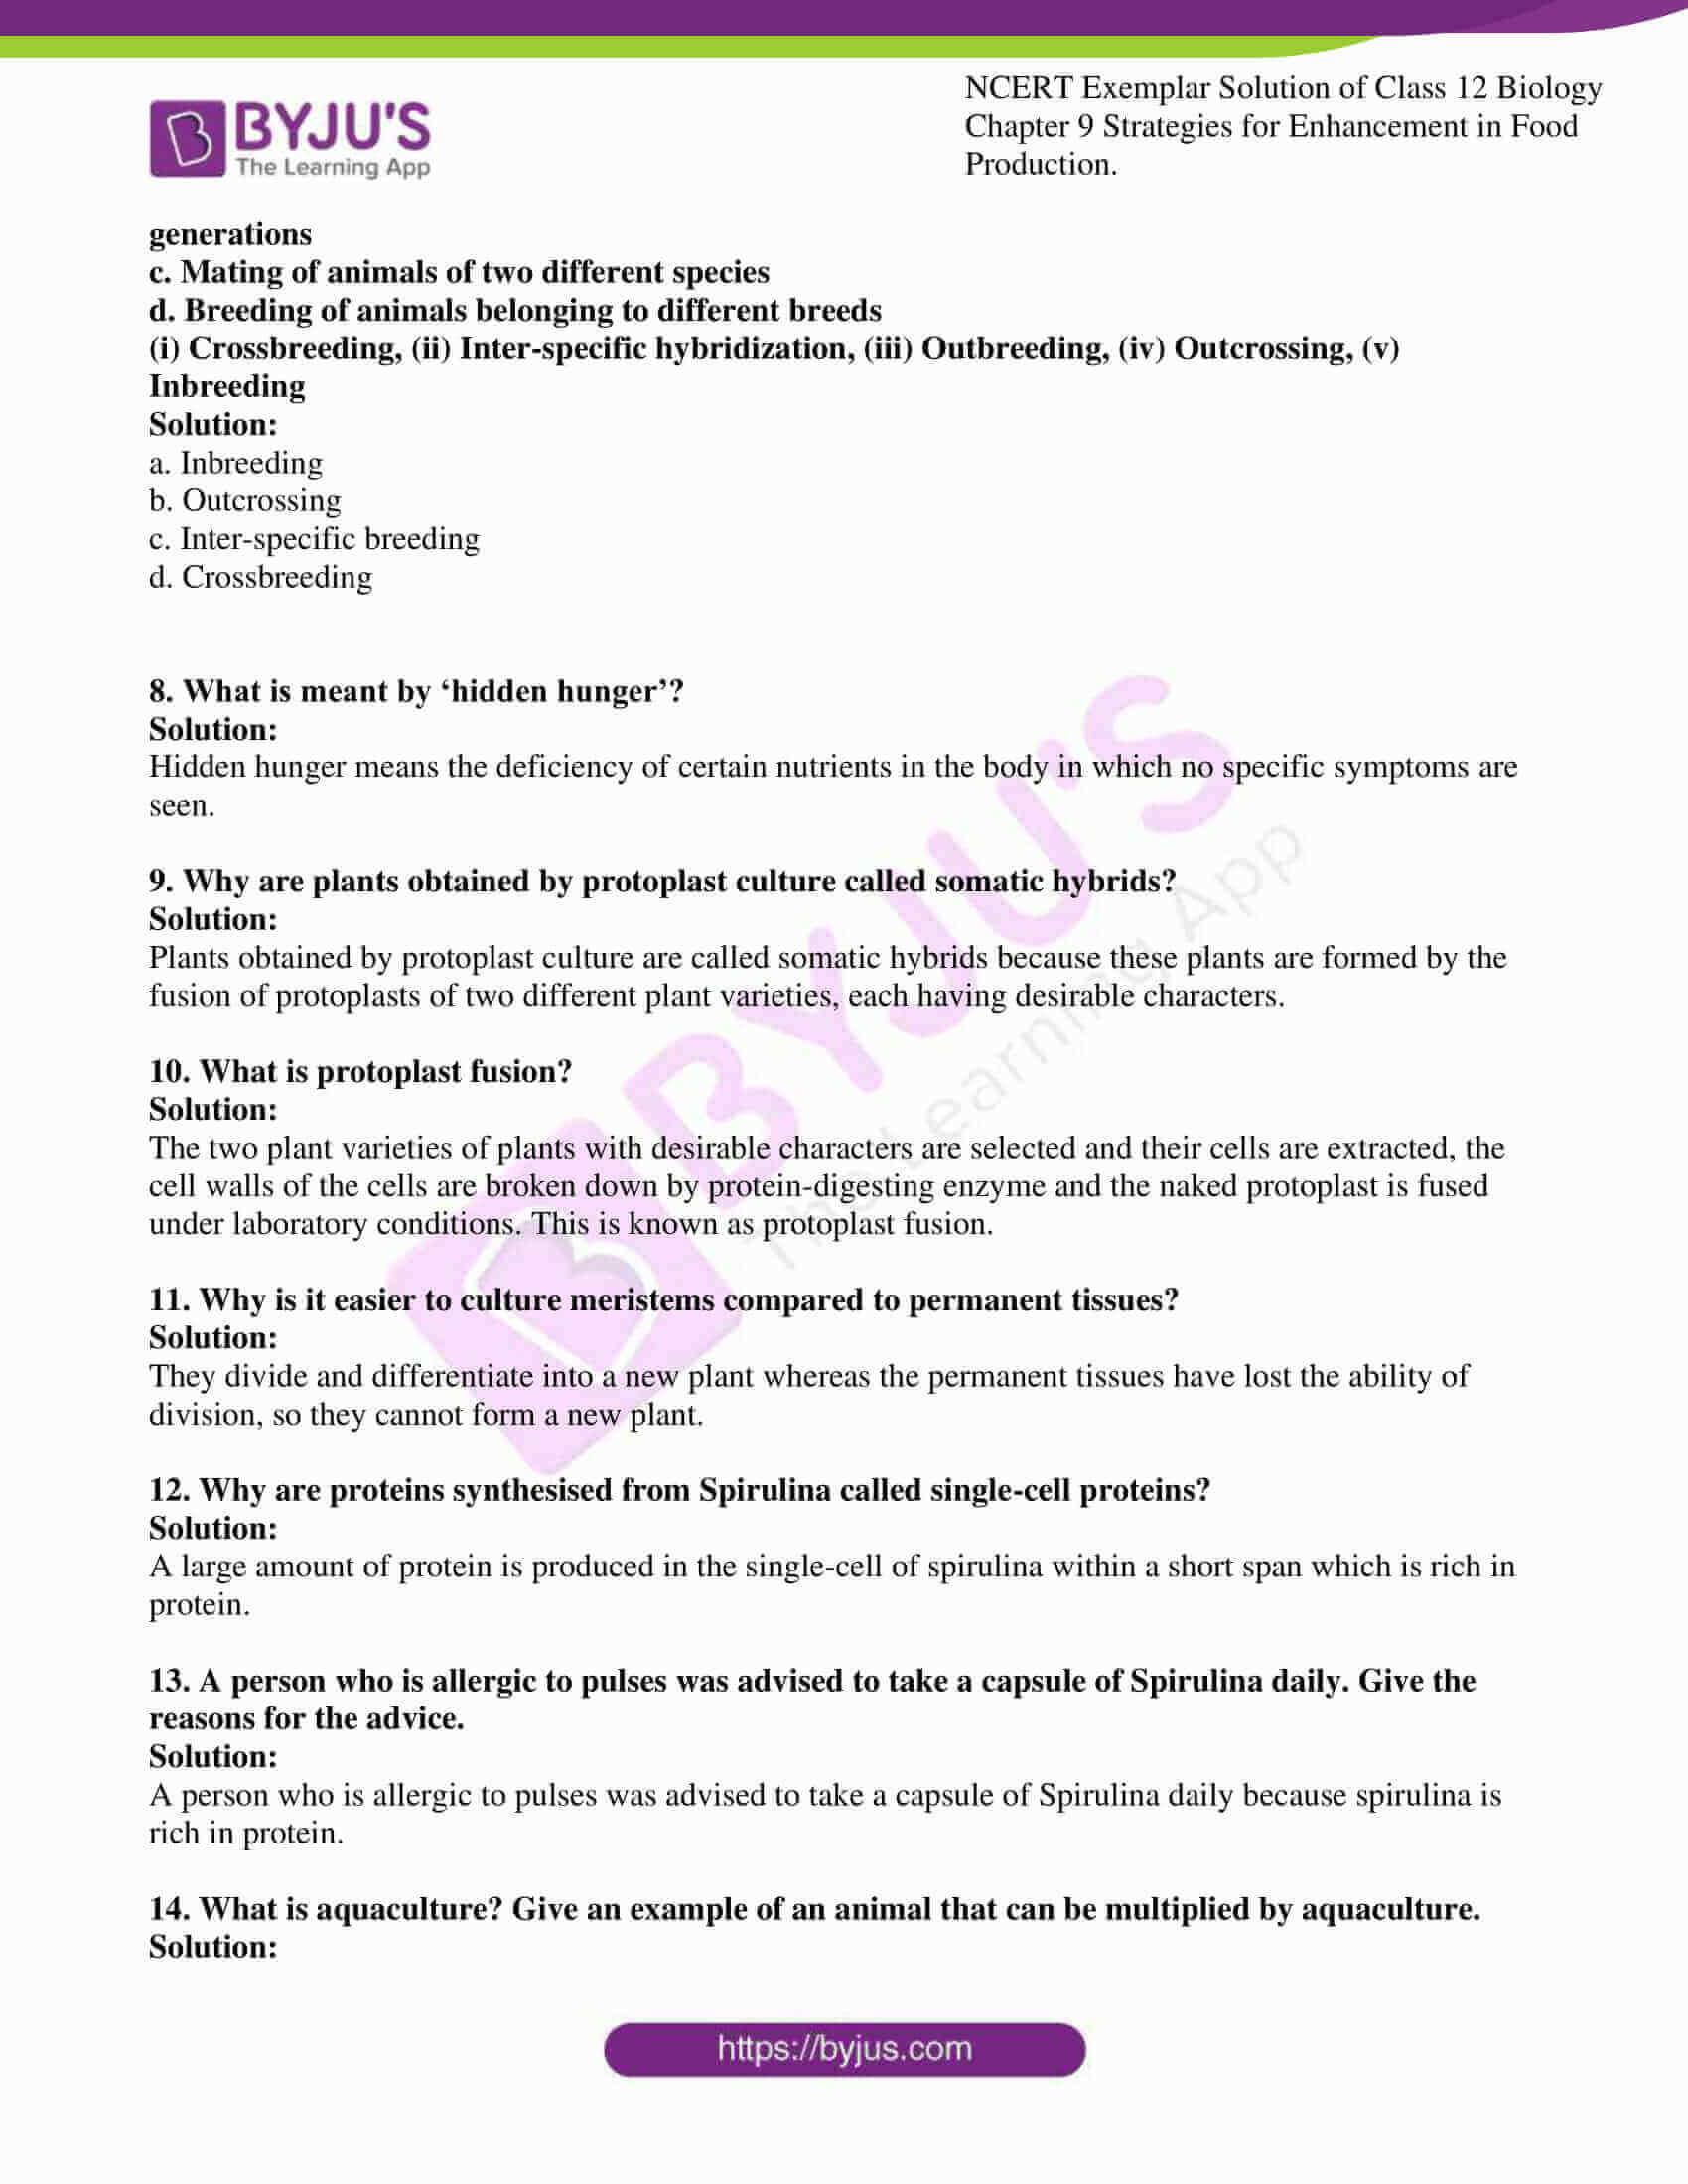 ncert exemplar solution of class 12 biology chapter 9 07